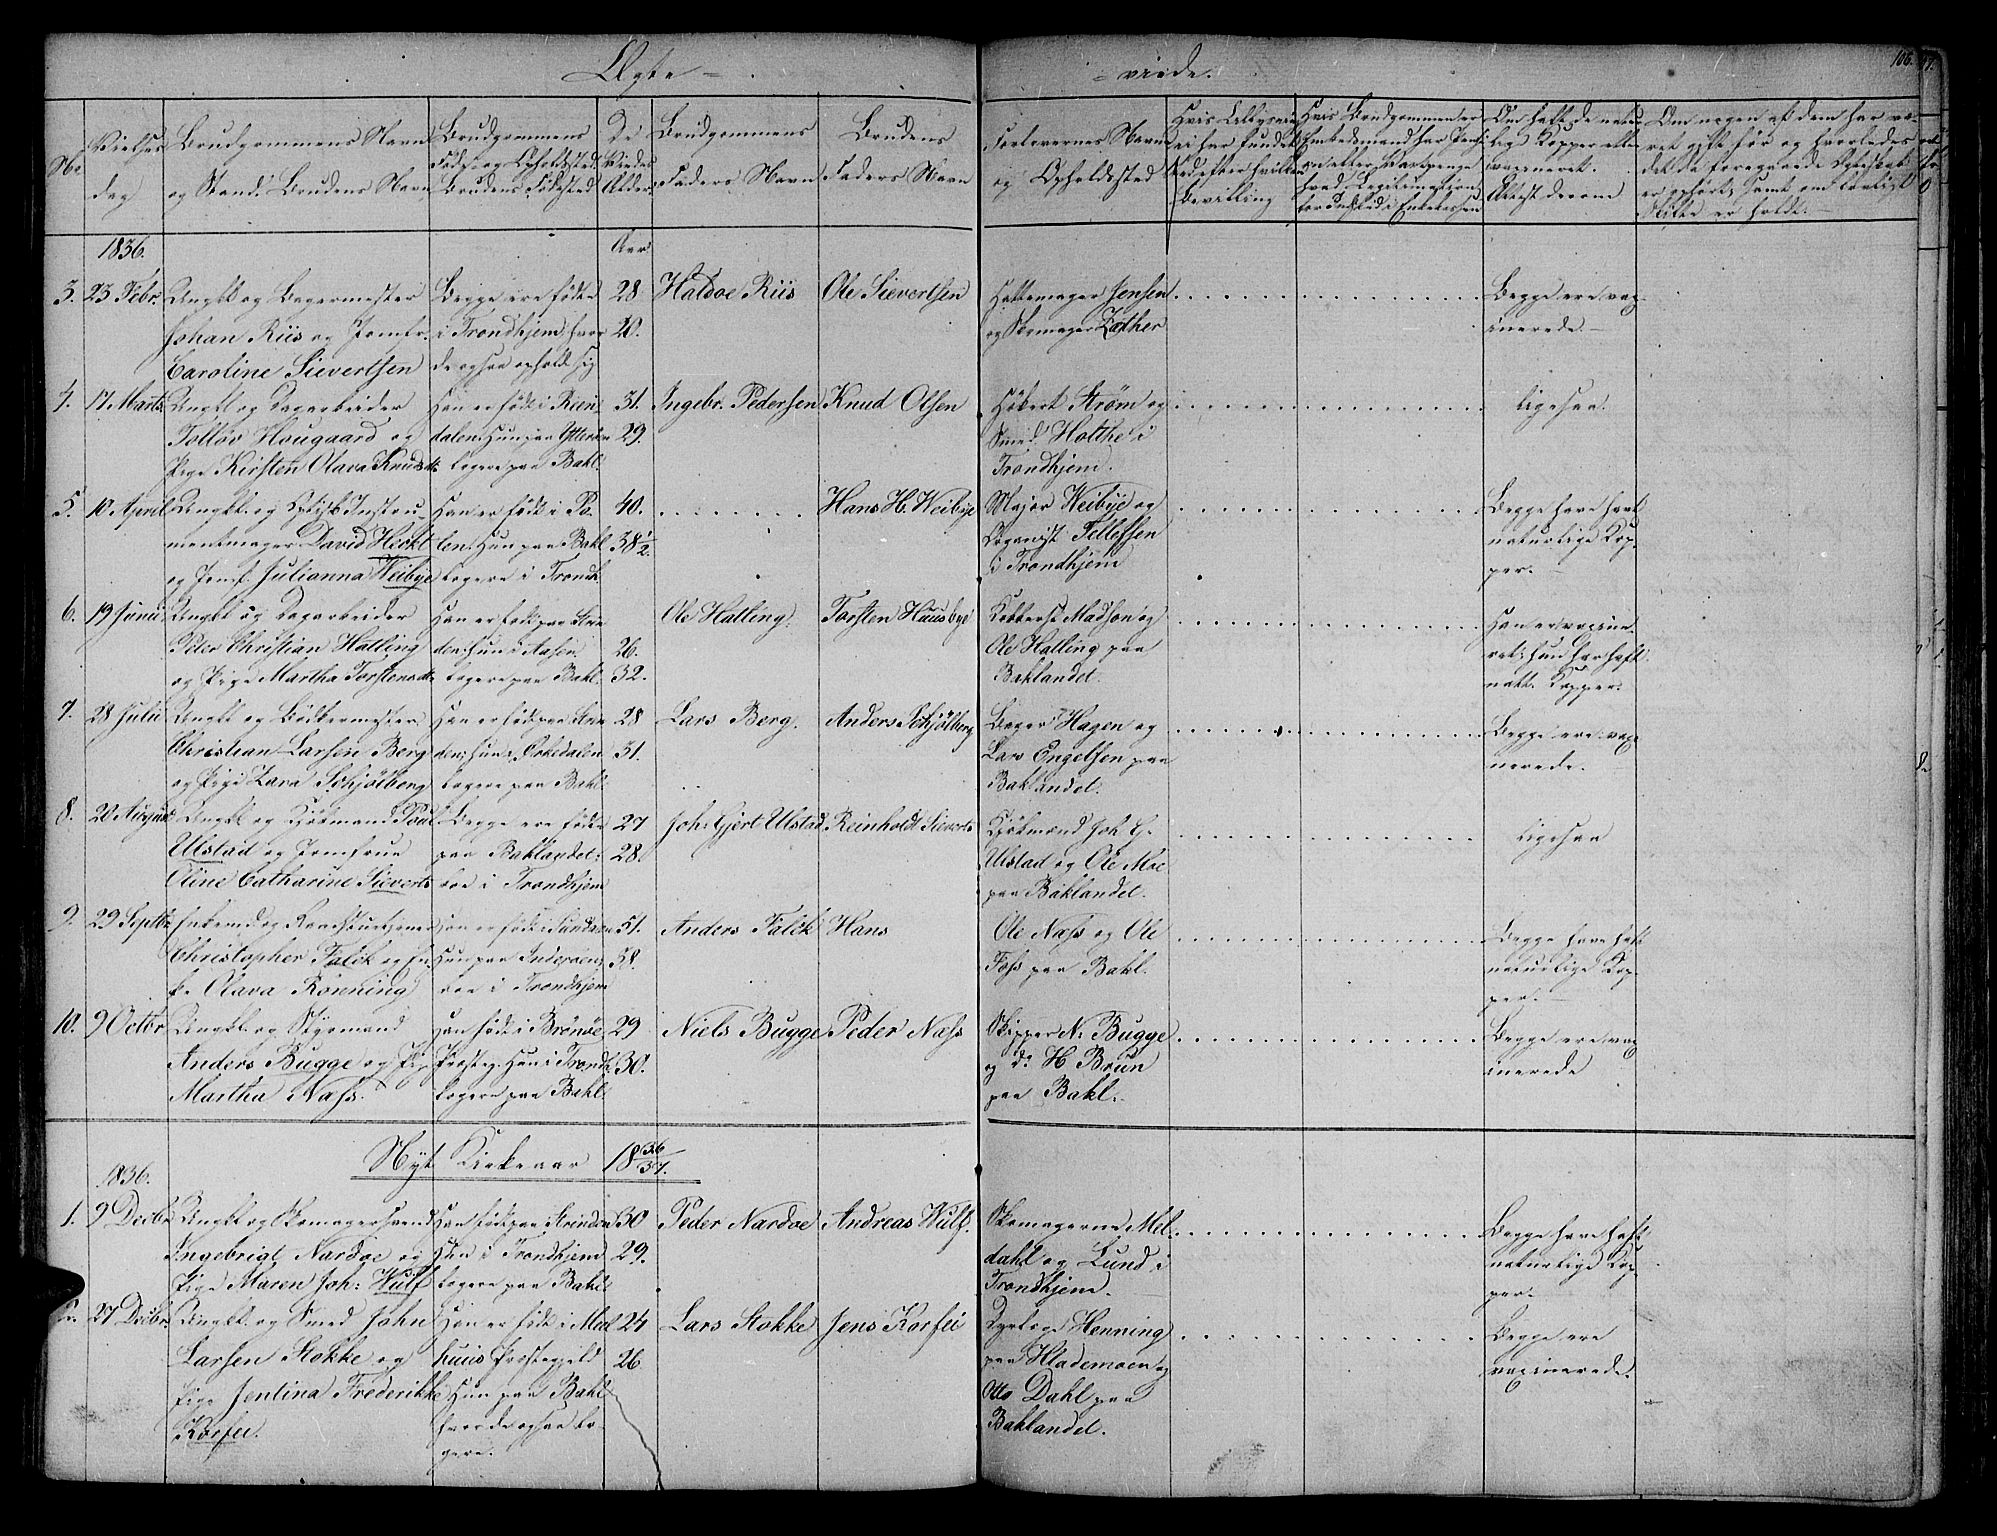 SAT, Ministerialprotokoller, klokkerbøker og fødselsregistre - Sør-Trøndelag, 604/L0182: Ministerialbok nr. 604A03, 1818-1850, s. 106